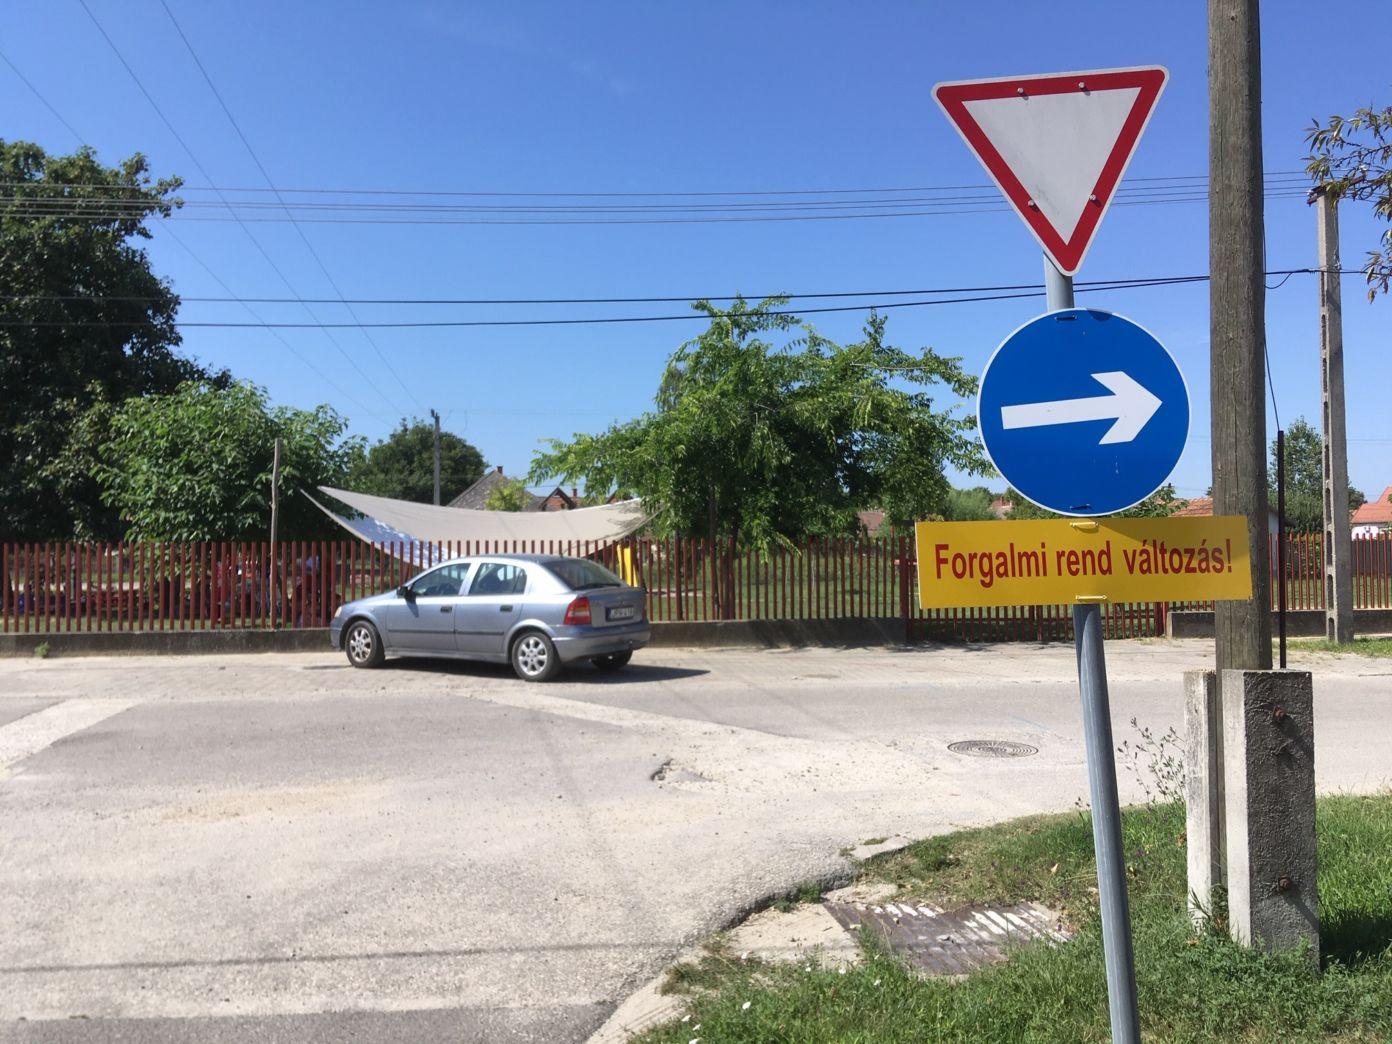 Megváltozott forgalmi rend Izsákon a Kodály Zoltán utcánál